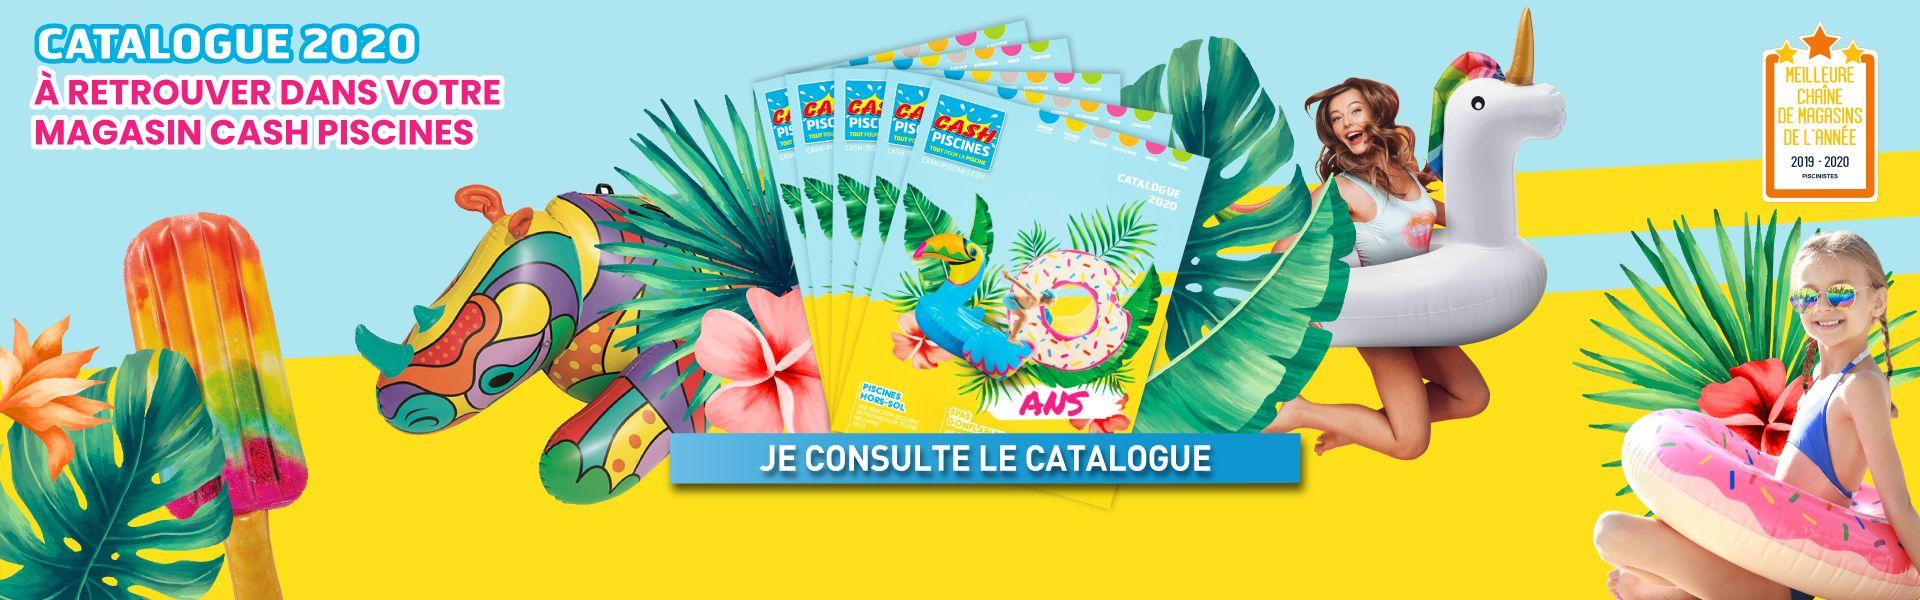 Cash Piscines - Tout Pour La Piscine & Spas Gonflables ... concernant Cash Piscine Le Cres